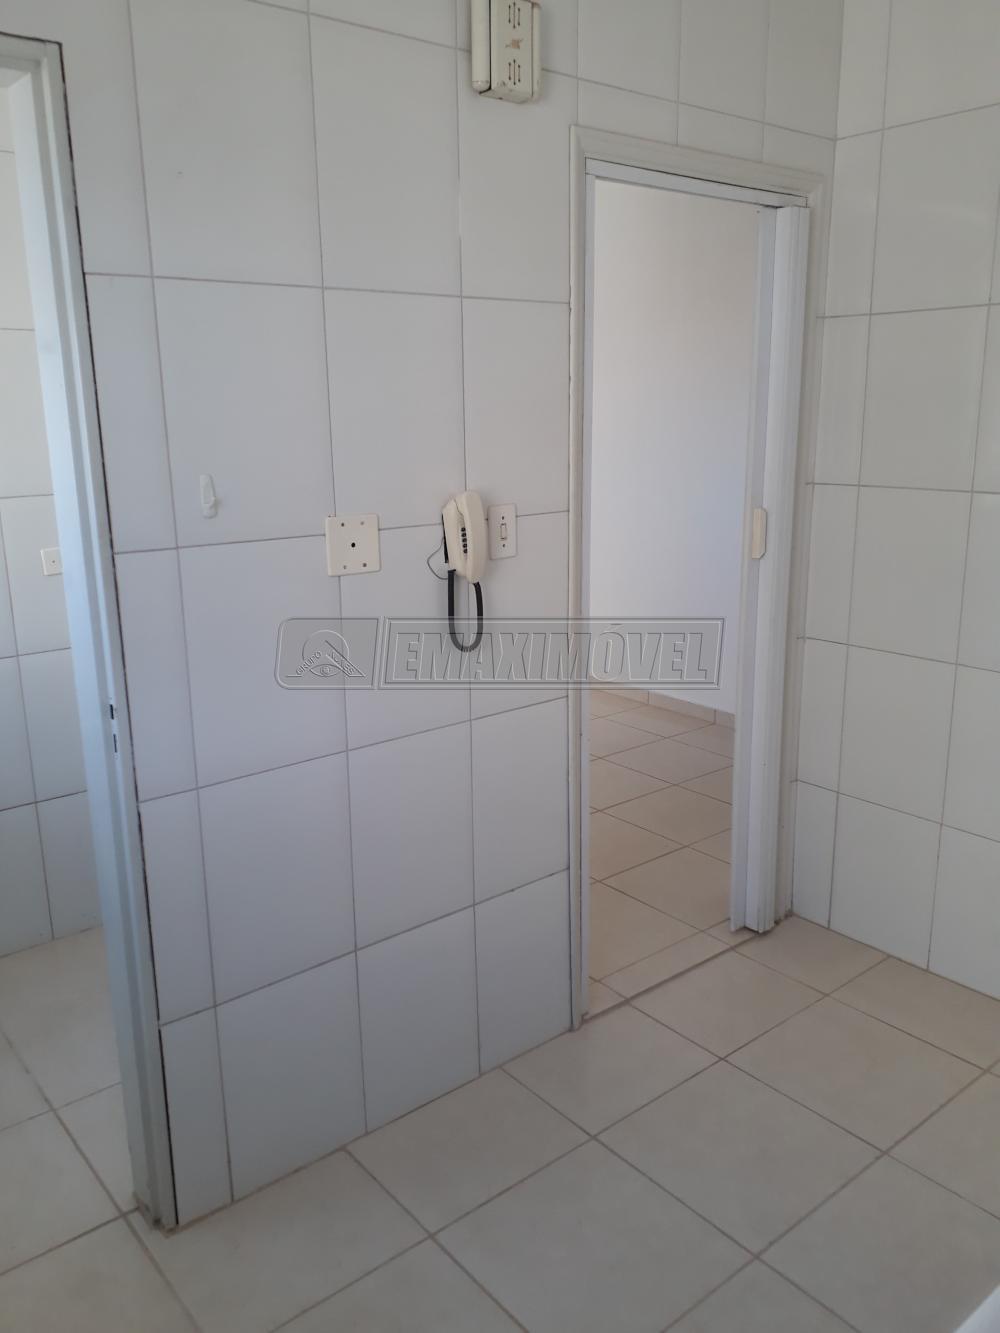 Alugar Apartamentos / Apto Padrão em Sorocaba apenas R$ 500,00 - Foto 18